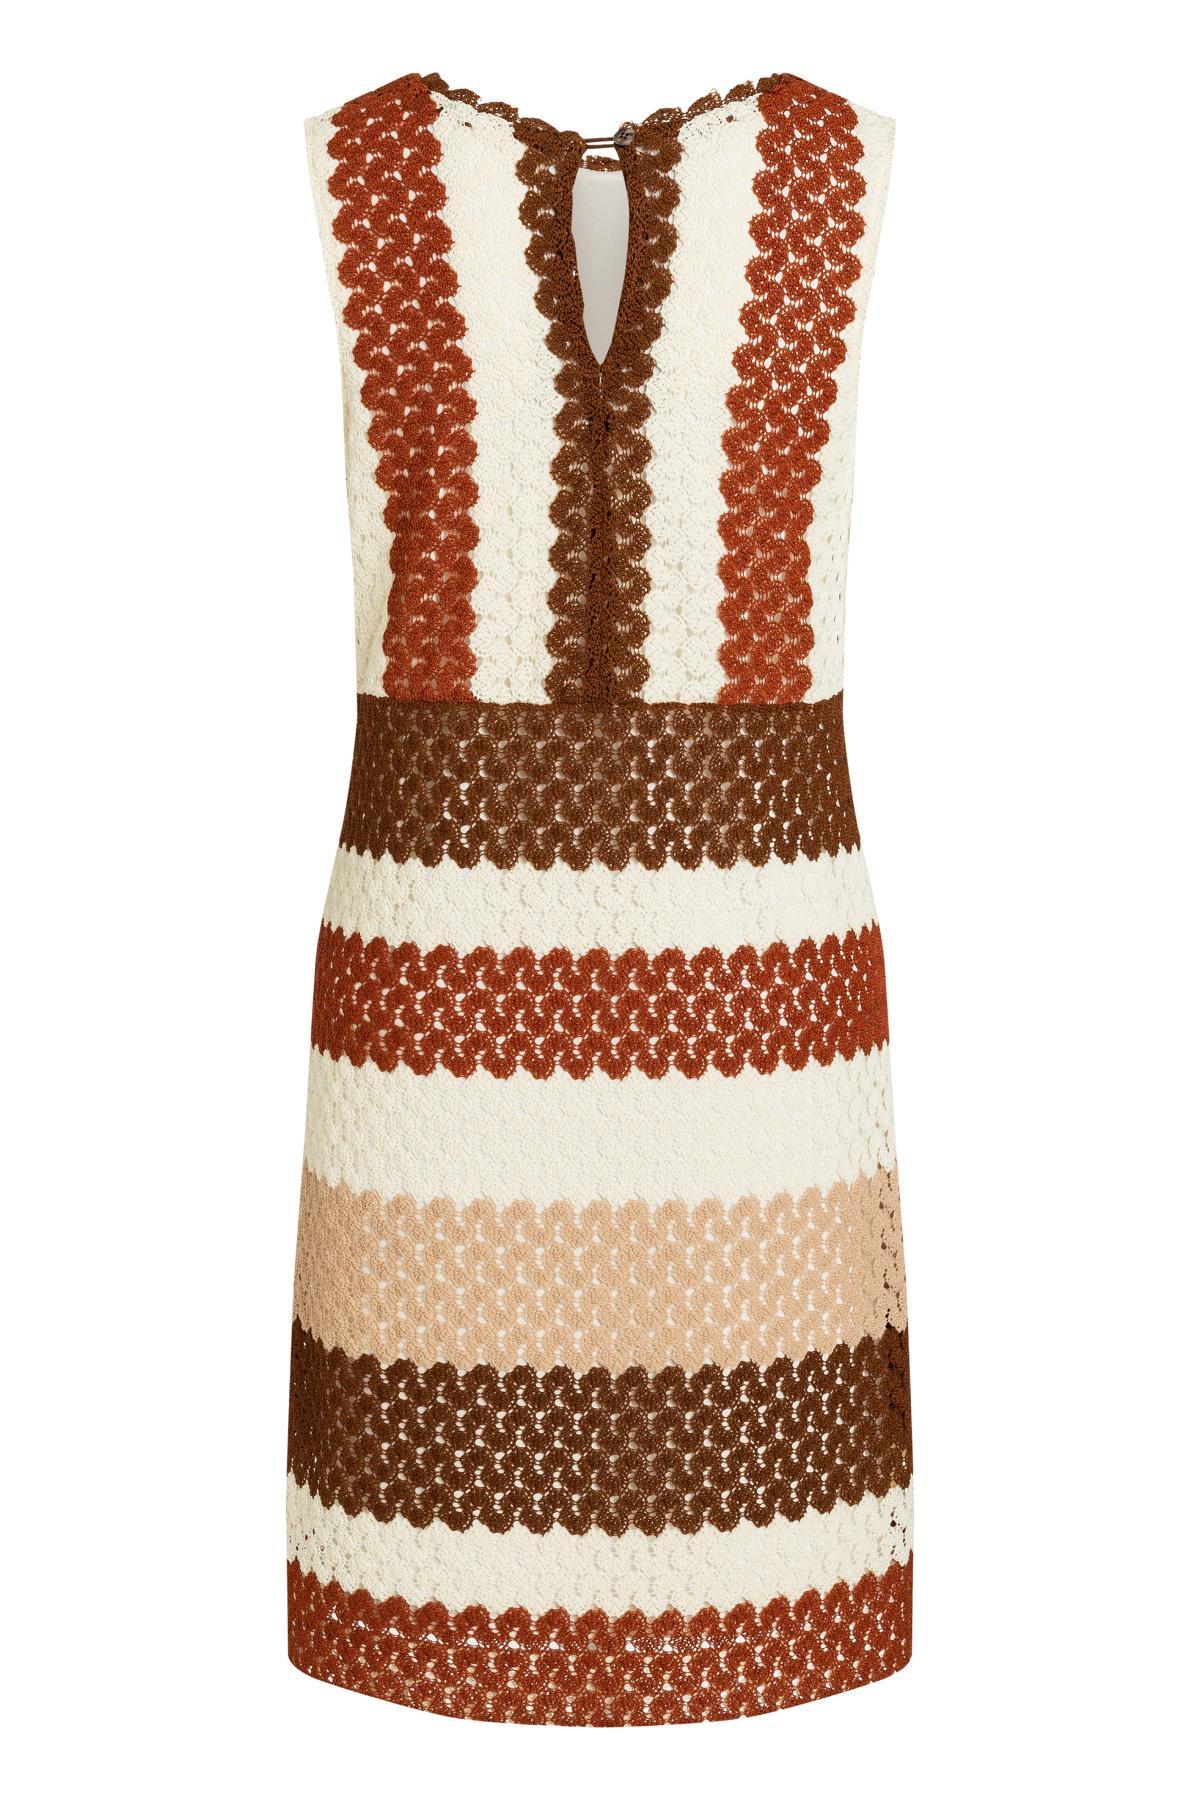 Detailansicht 2 von Ana Alcazar Ärmelloses Kleid Sponty